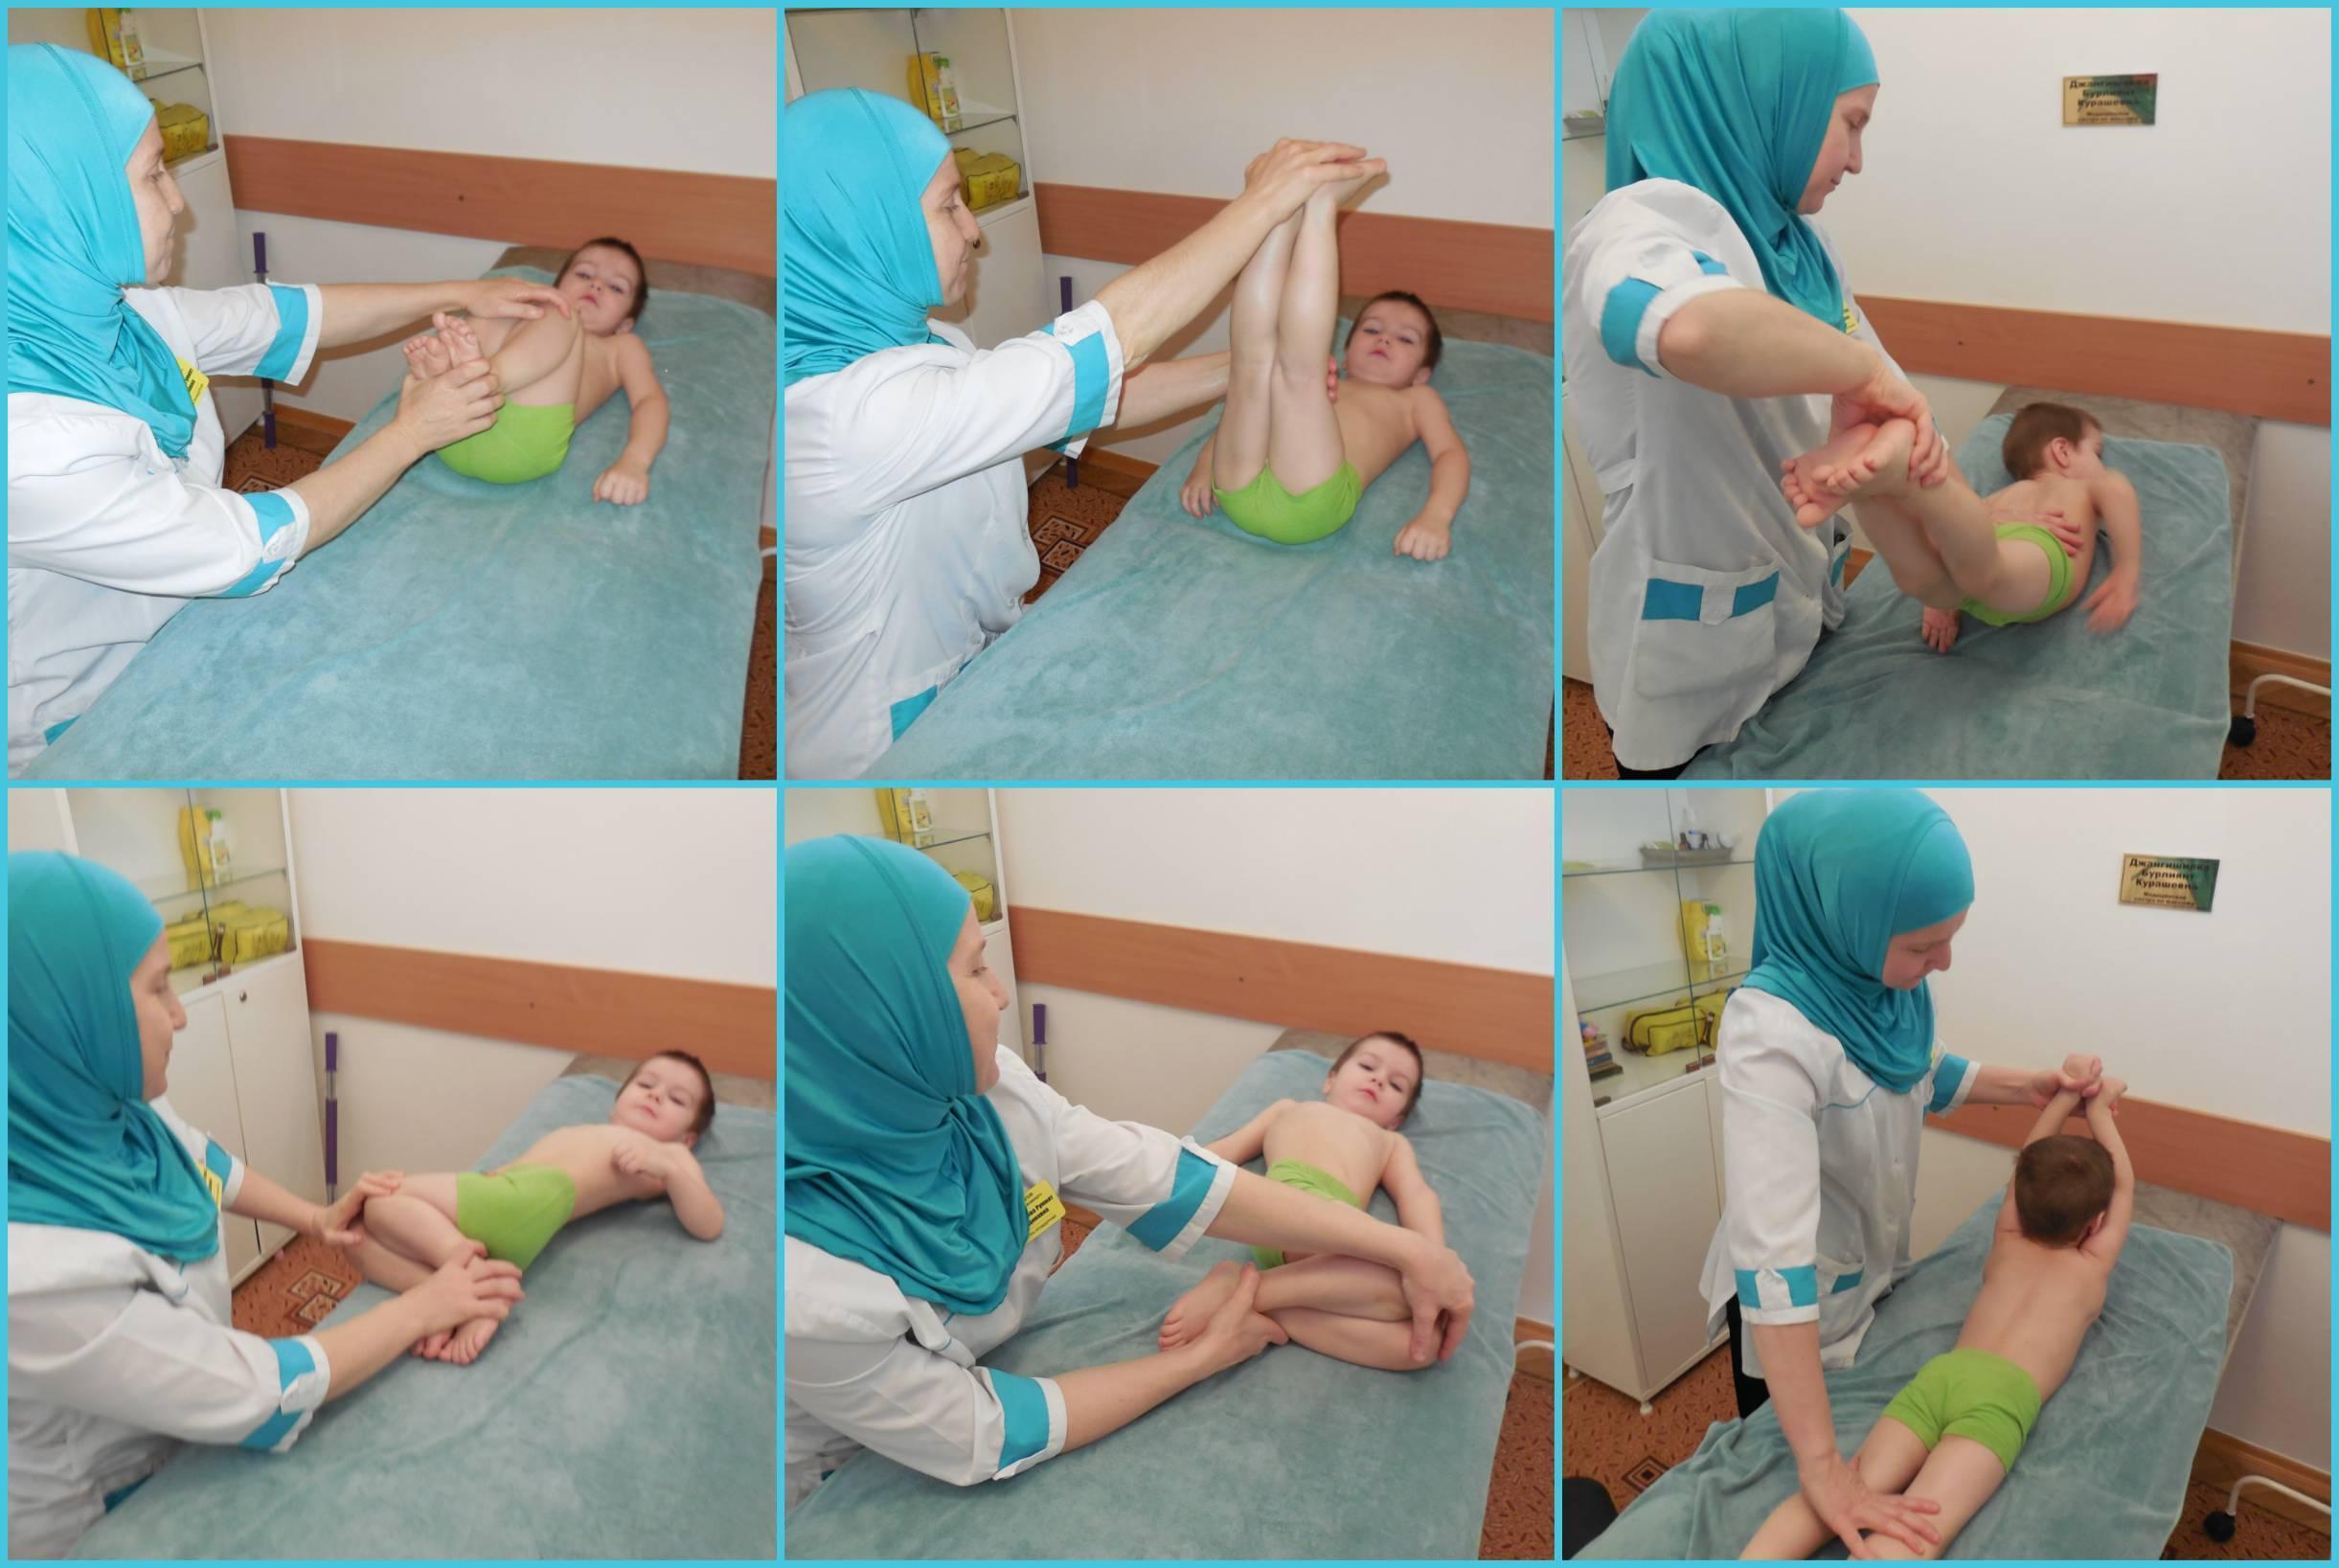 Лфк при дисплазии тазобедренного сустава: комплекс упражнений и зарядка для взрослых, движения для лечения и профилактики патологии, утренние занятия | статья от врача